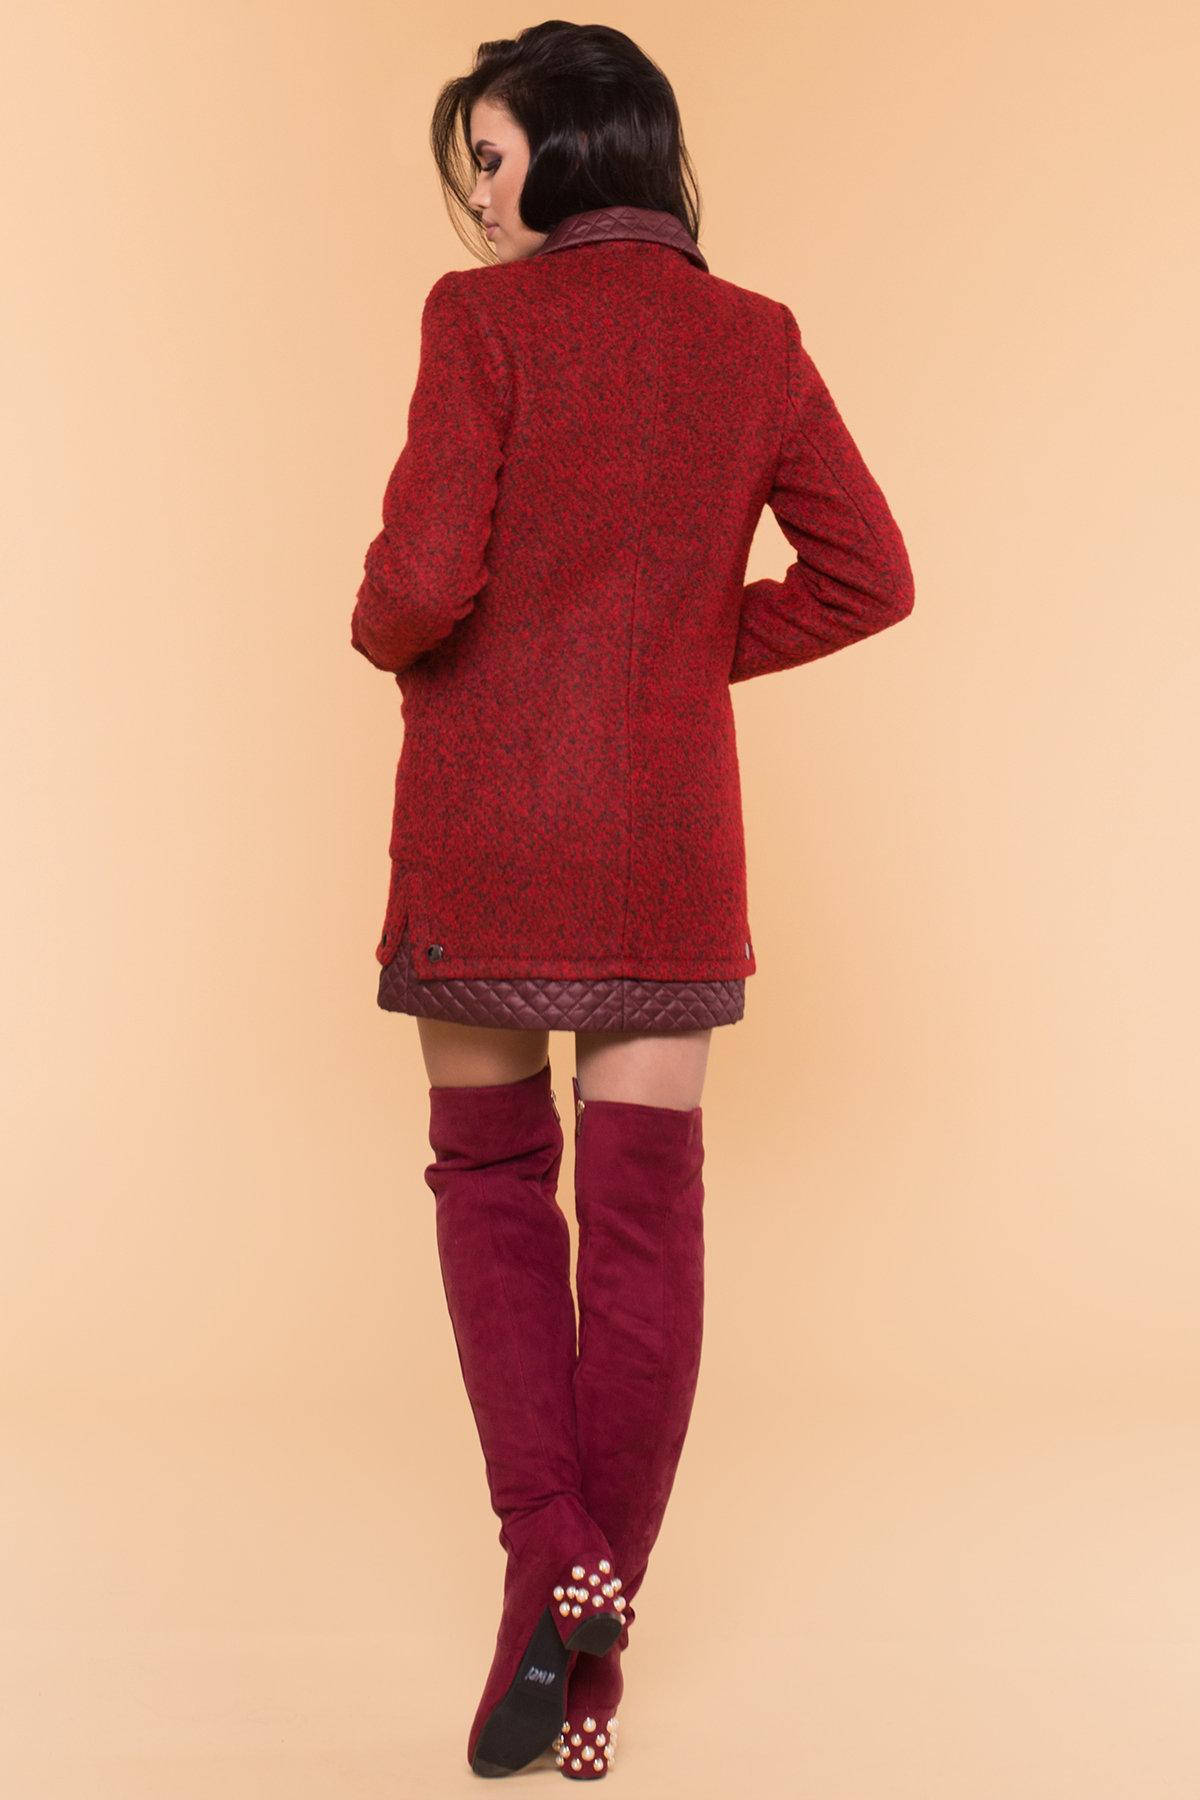 Пальто Астор 1052 АРТ. 9046 Цвет: Красный/черный/бордо - фото 2, интернет магазин tm-modus.ru